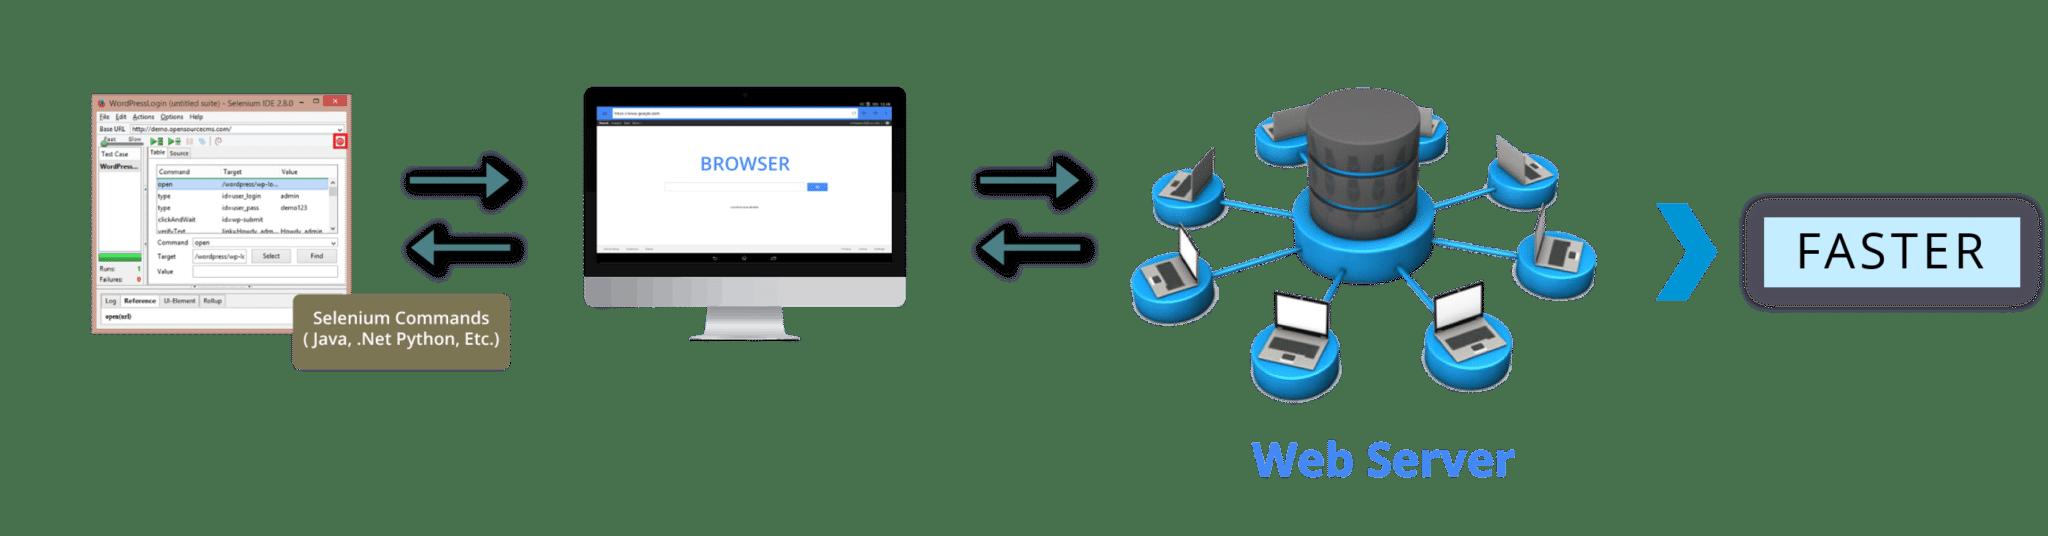 webdriver architecture - selenium tutorial